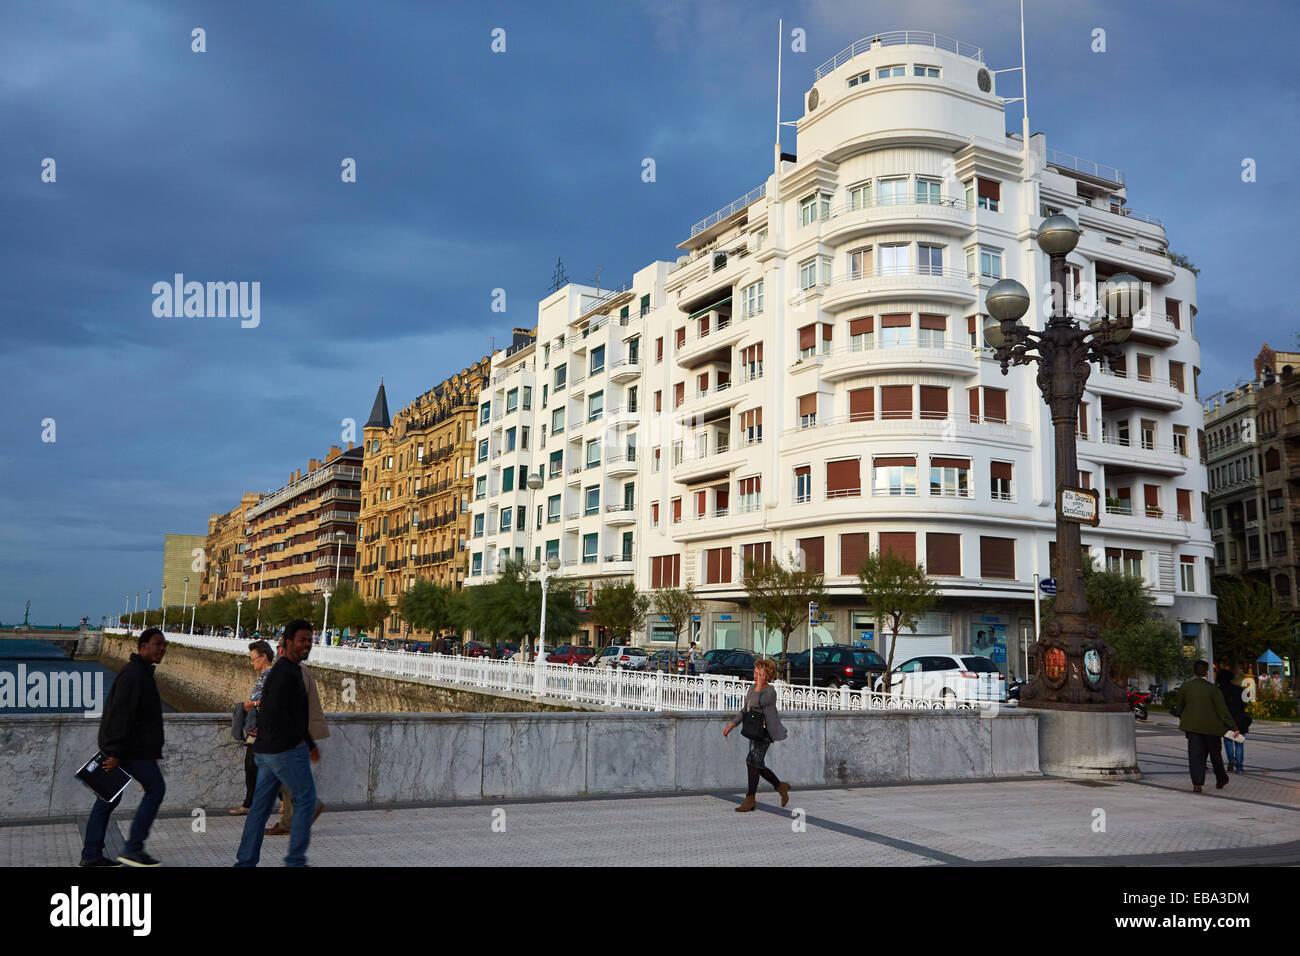 Paseo Ramon Maria Lili, Gros quarter, Donostia (San Sebastian), Gipuzkoa, Basque Country, Spain - Stock Image